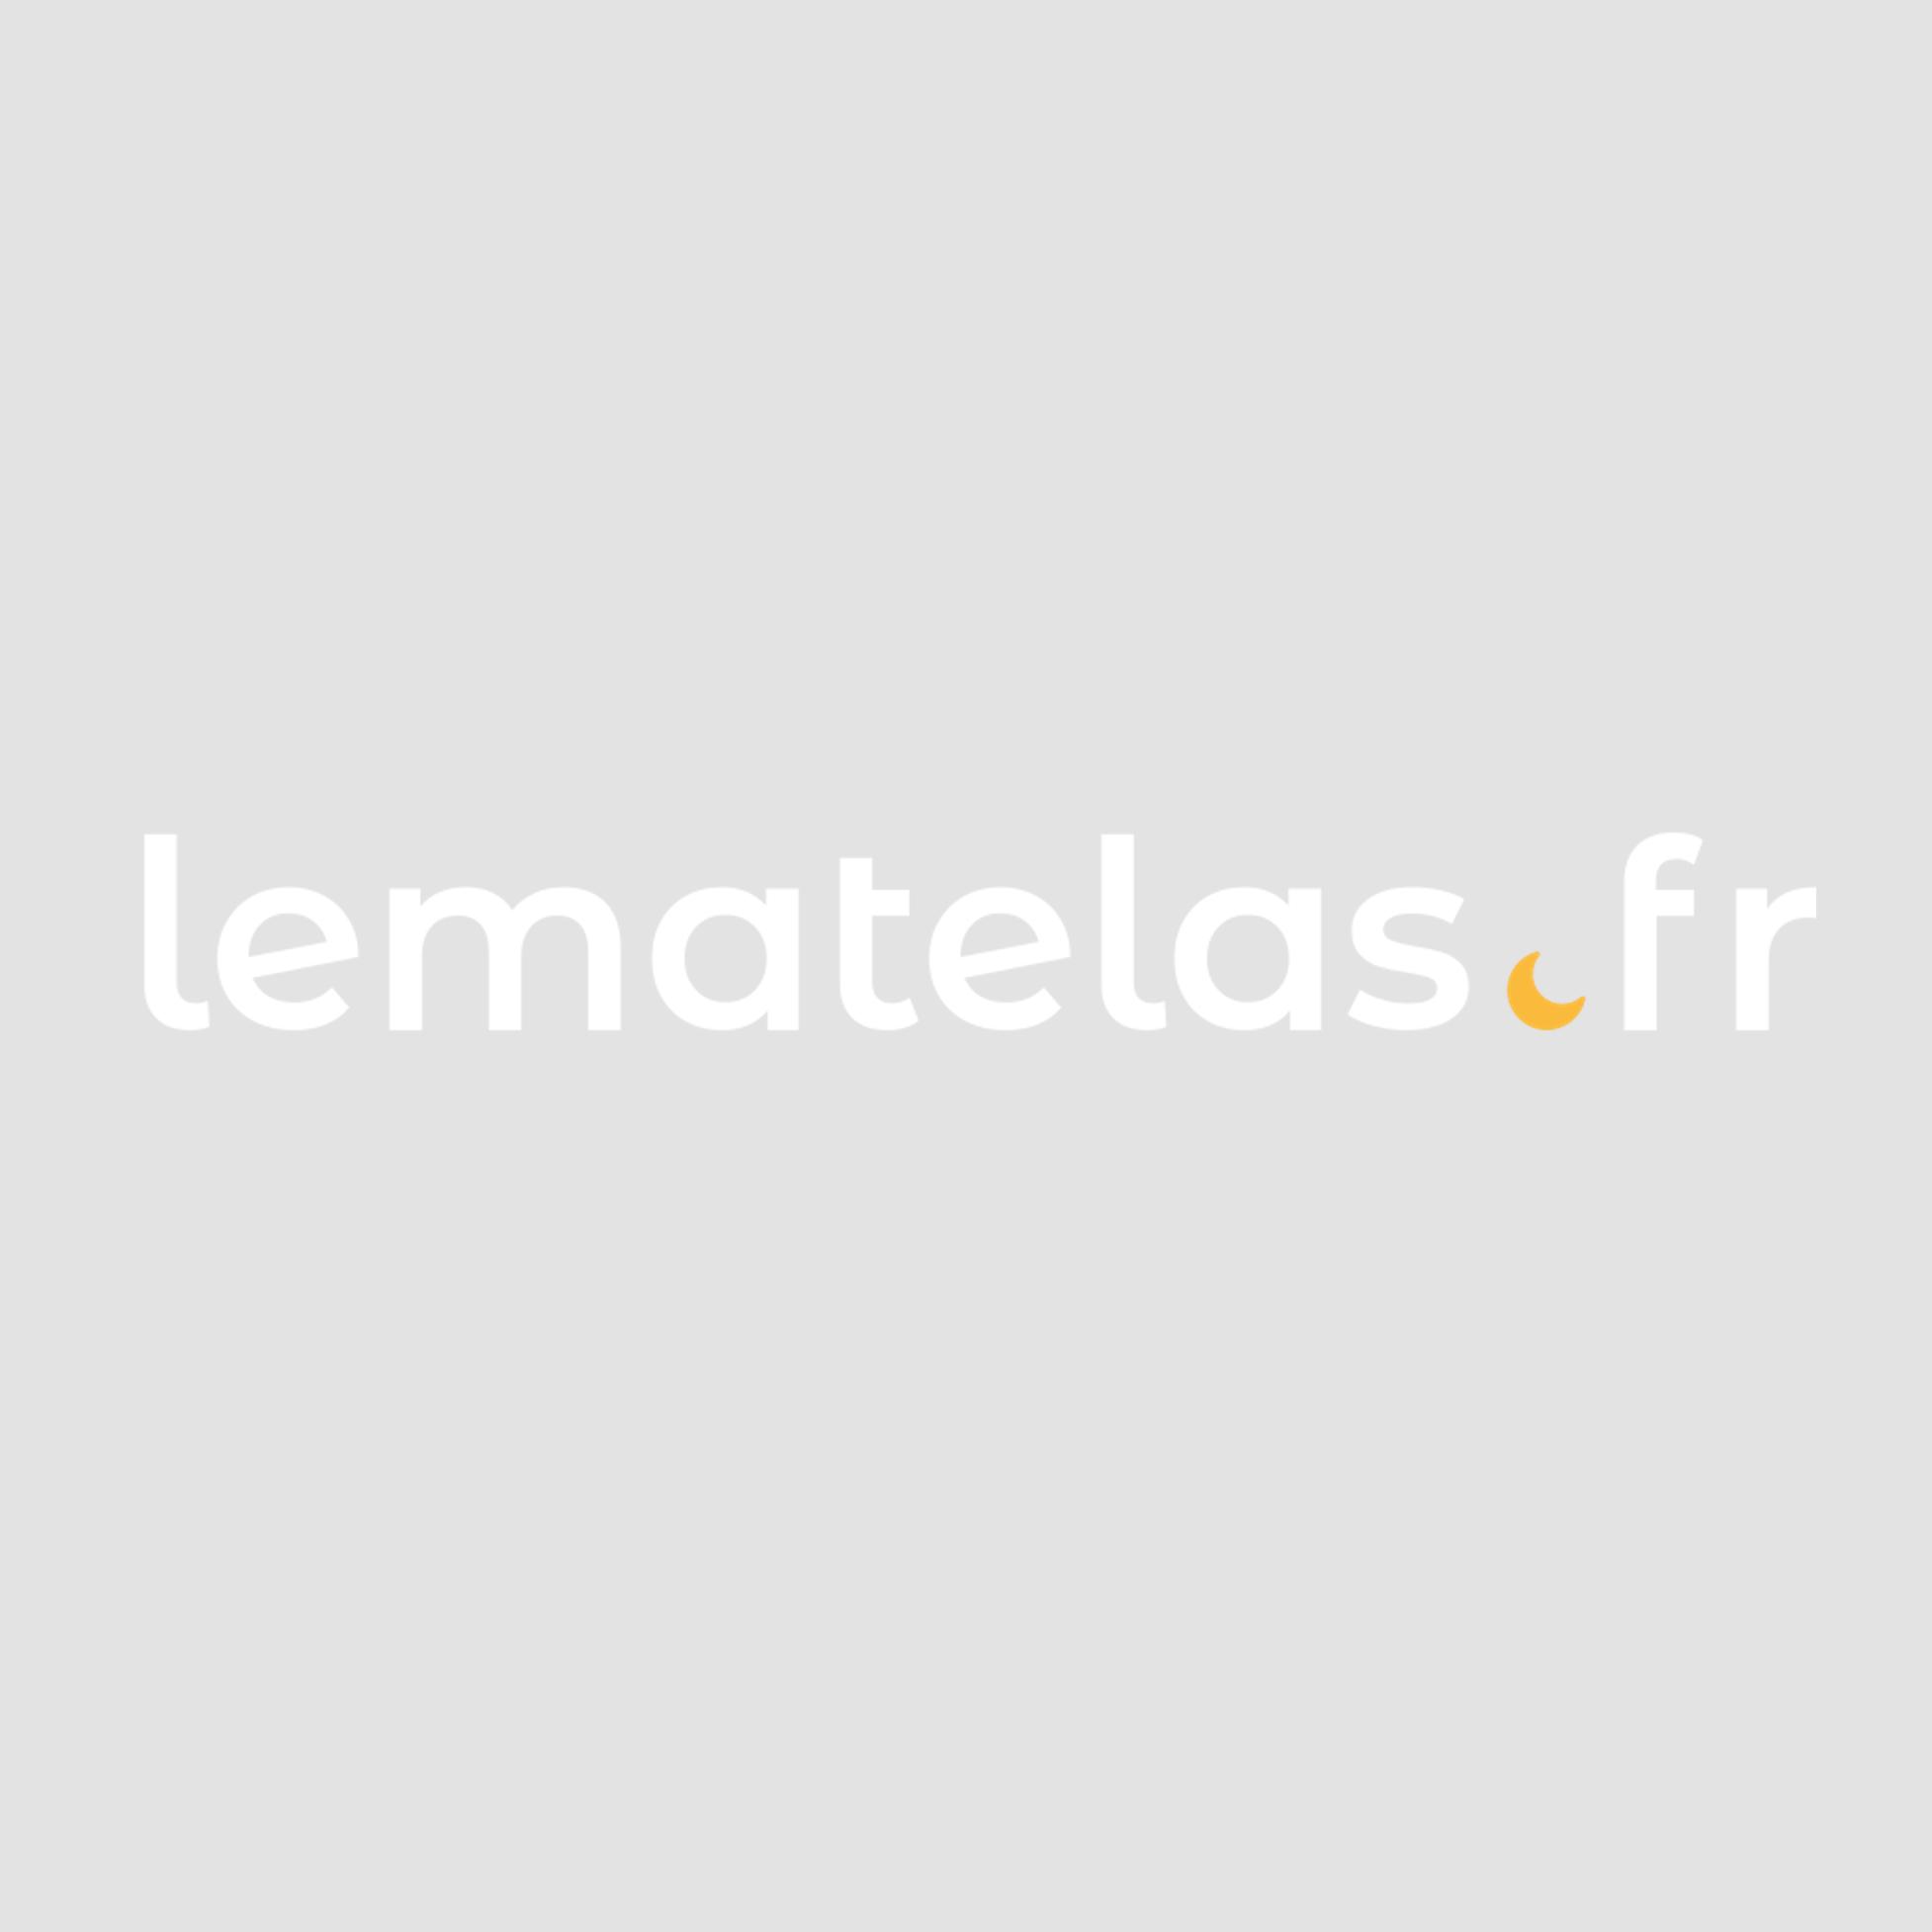 Protège matelas Bamboo soyeux confortable doux et absorbant Qualité Hôtellerie de Luxe 90x190/200 - Hôtellerie